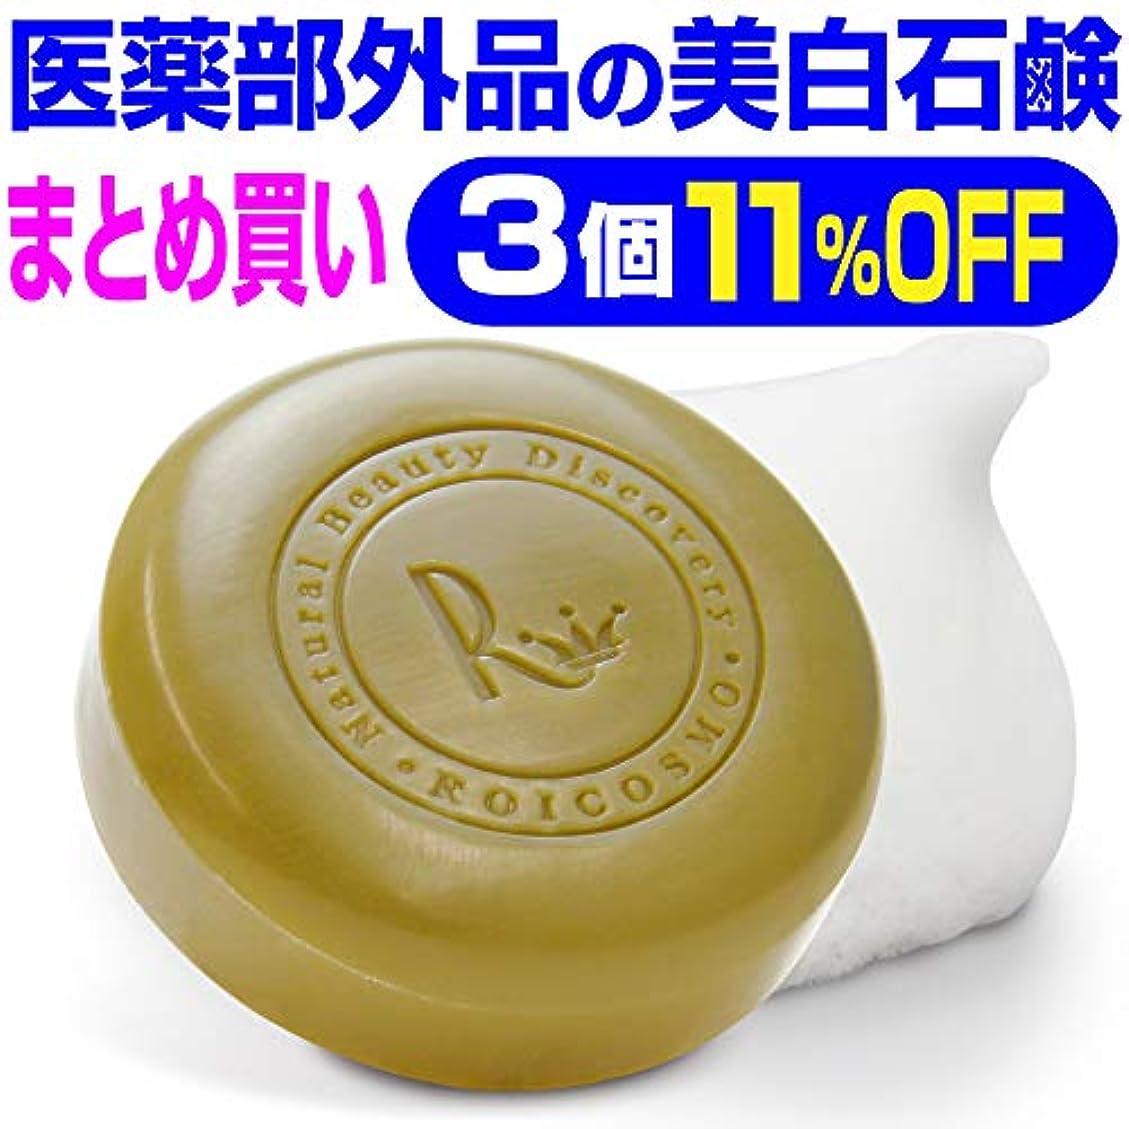 被る志すスタイル3個まとめ買い11%OFF 美白石鹸/ビタミンC270倍の美白成分配合の 洗顔石鹸『ホワイトソープ100g×3個』